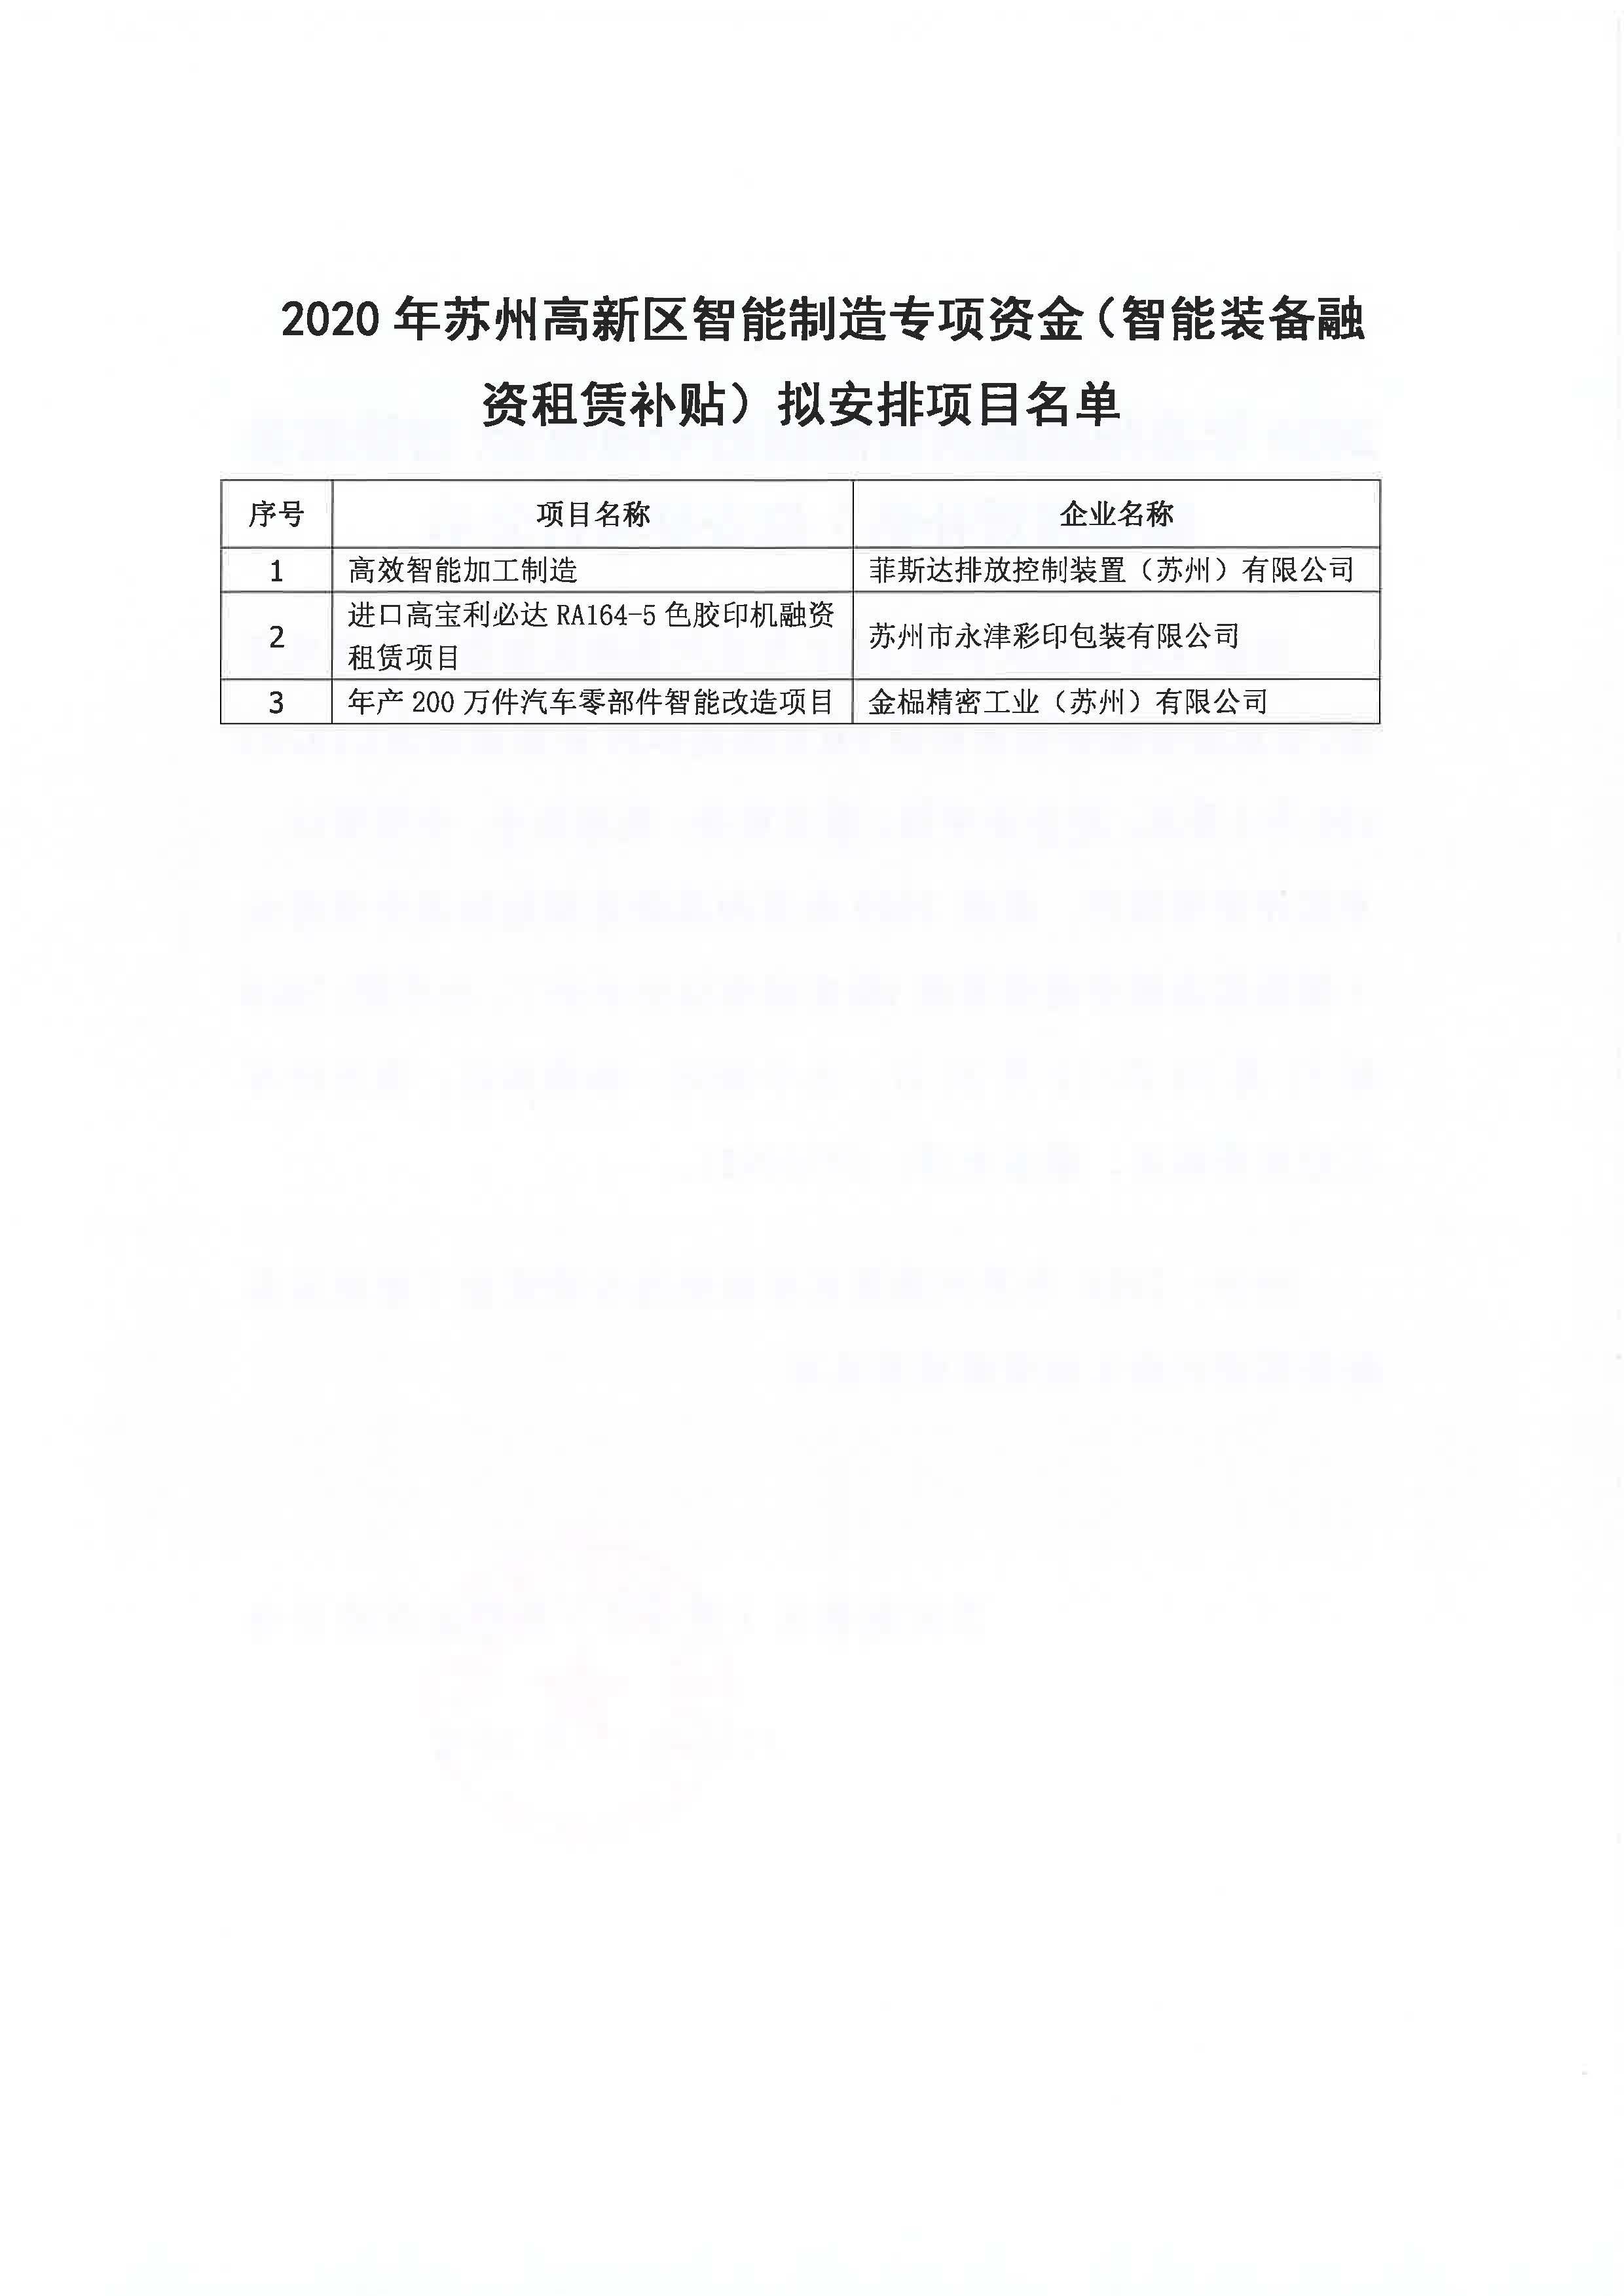 公示文件_頁面_2.jpg